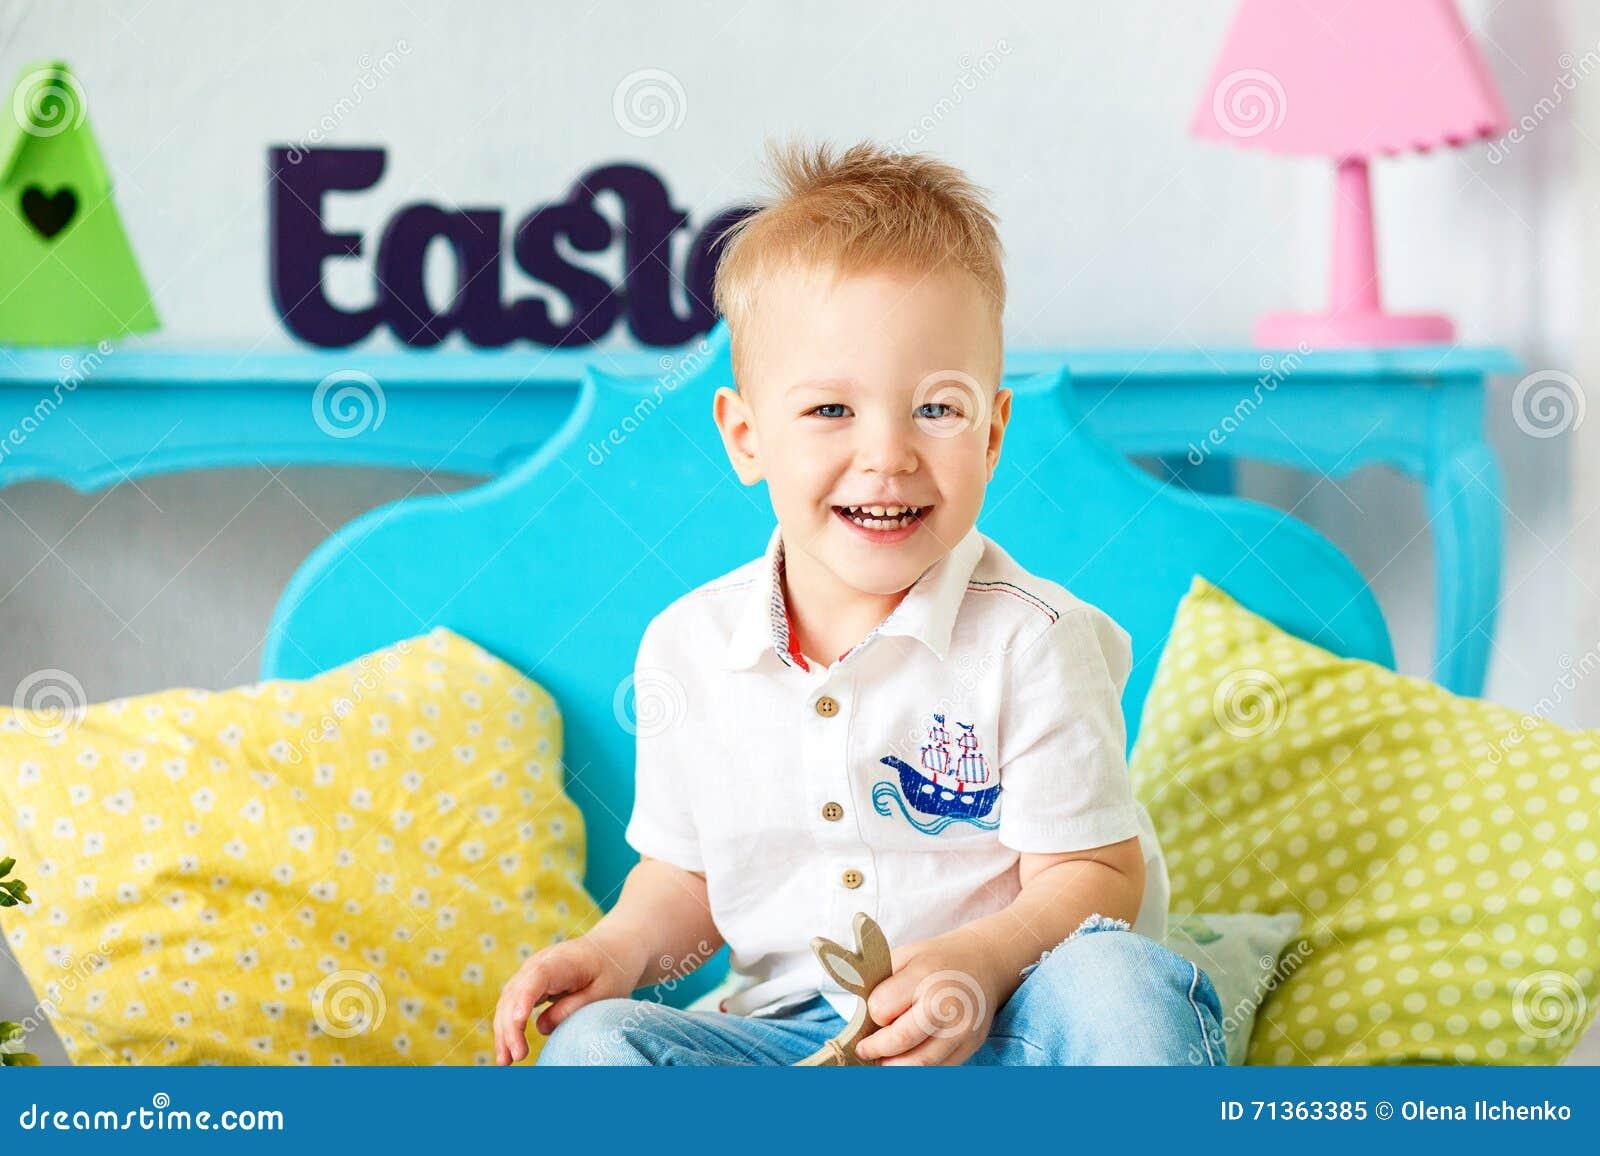 kleiner junge 2 3 jahre blonde haar die auf dem boden und. Black Bedroom Furniture Sets. Home Design Ideas